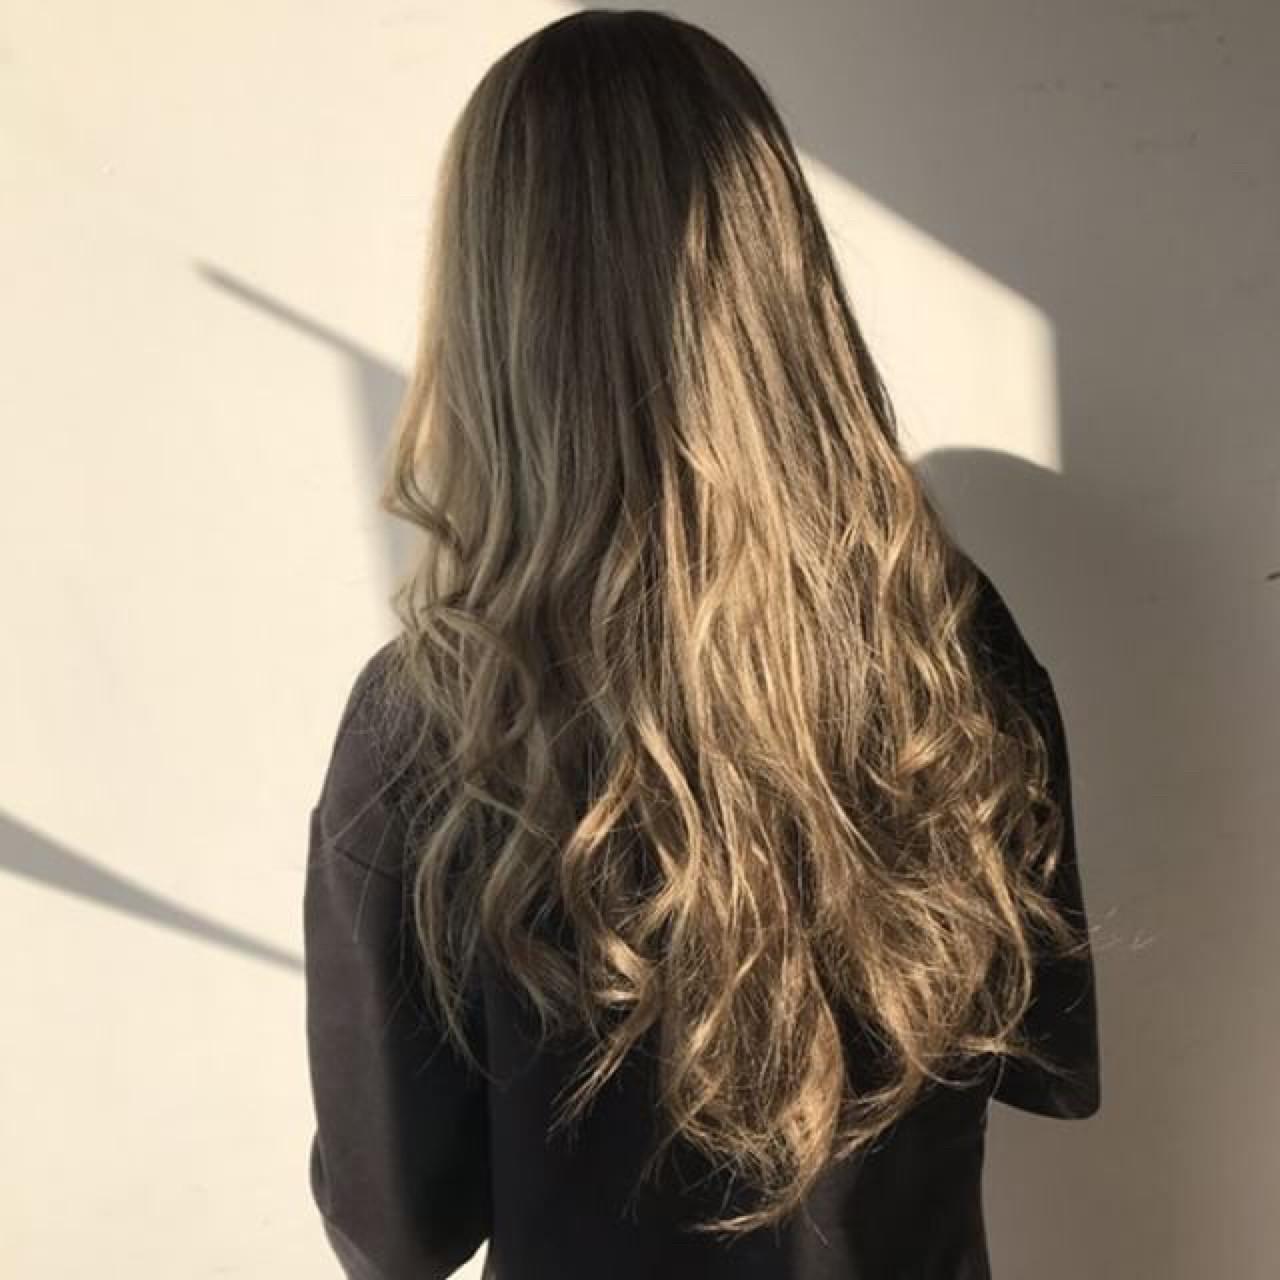 外国人風カラー ネイビーアッシュ エレガント ロング ヘアスタイルや髪型の写真・画像